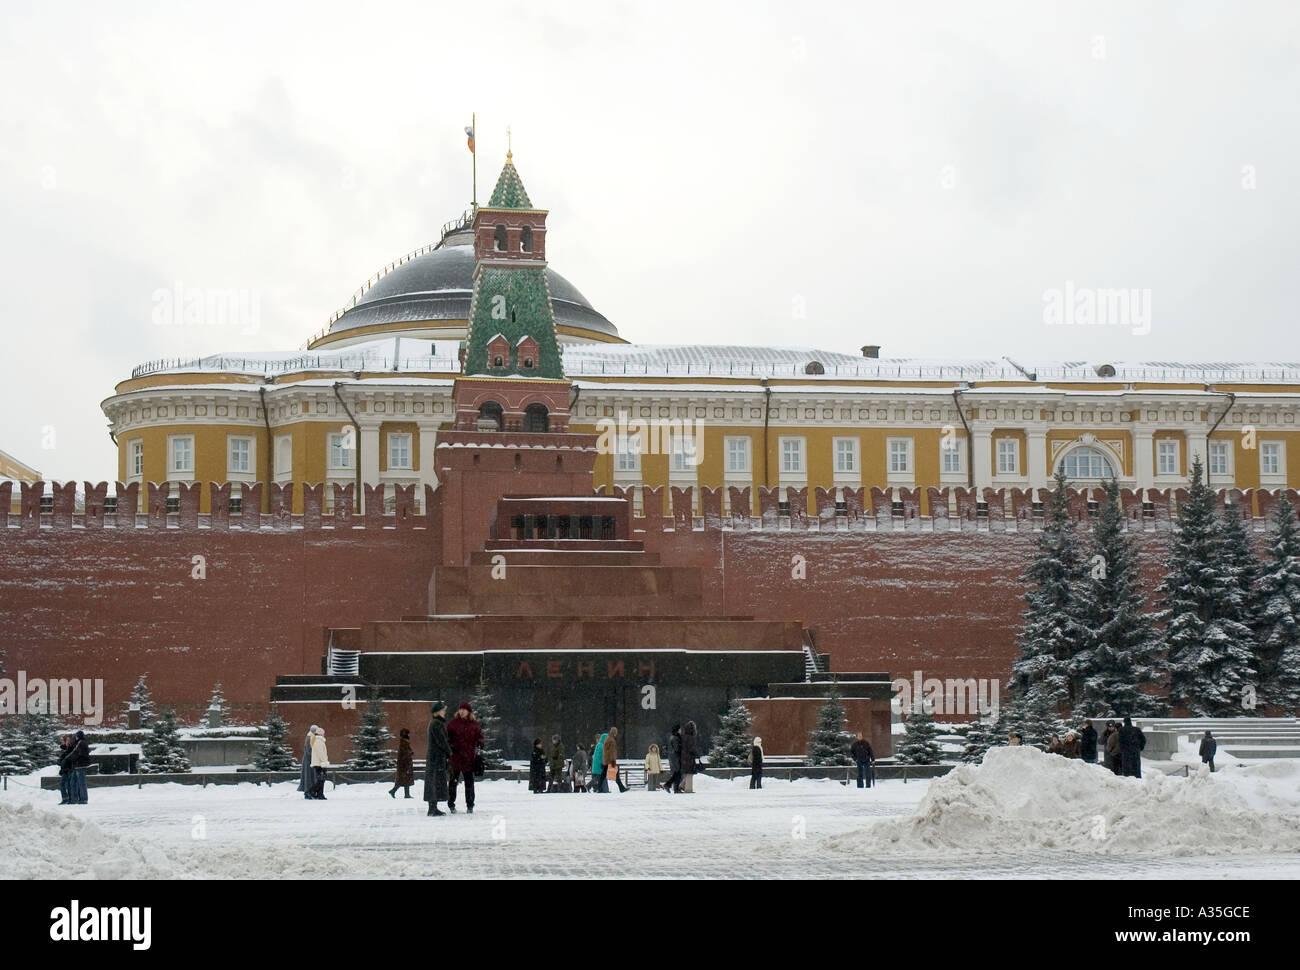 The Kremlin in Winter - Stock Image